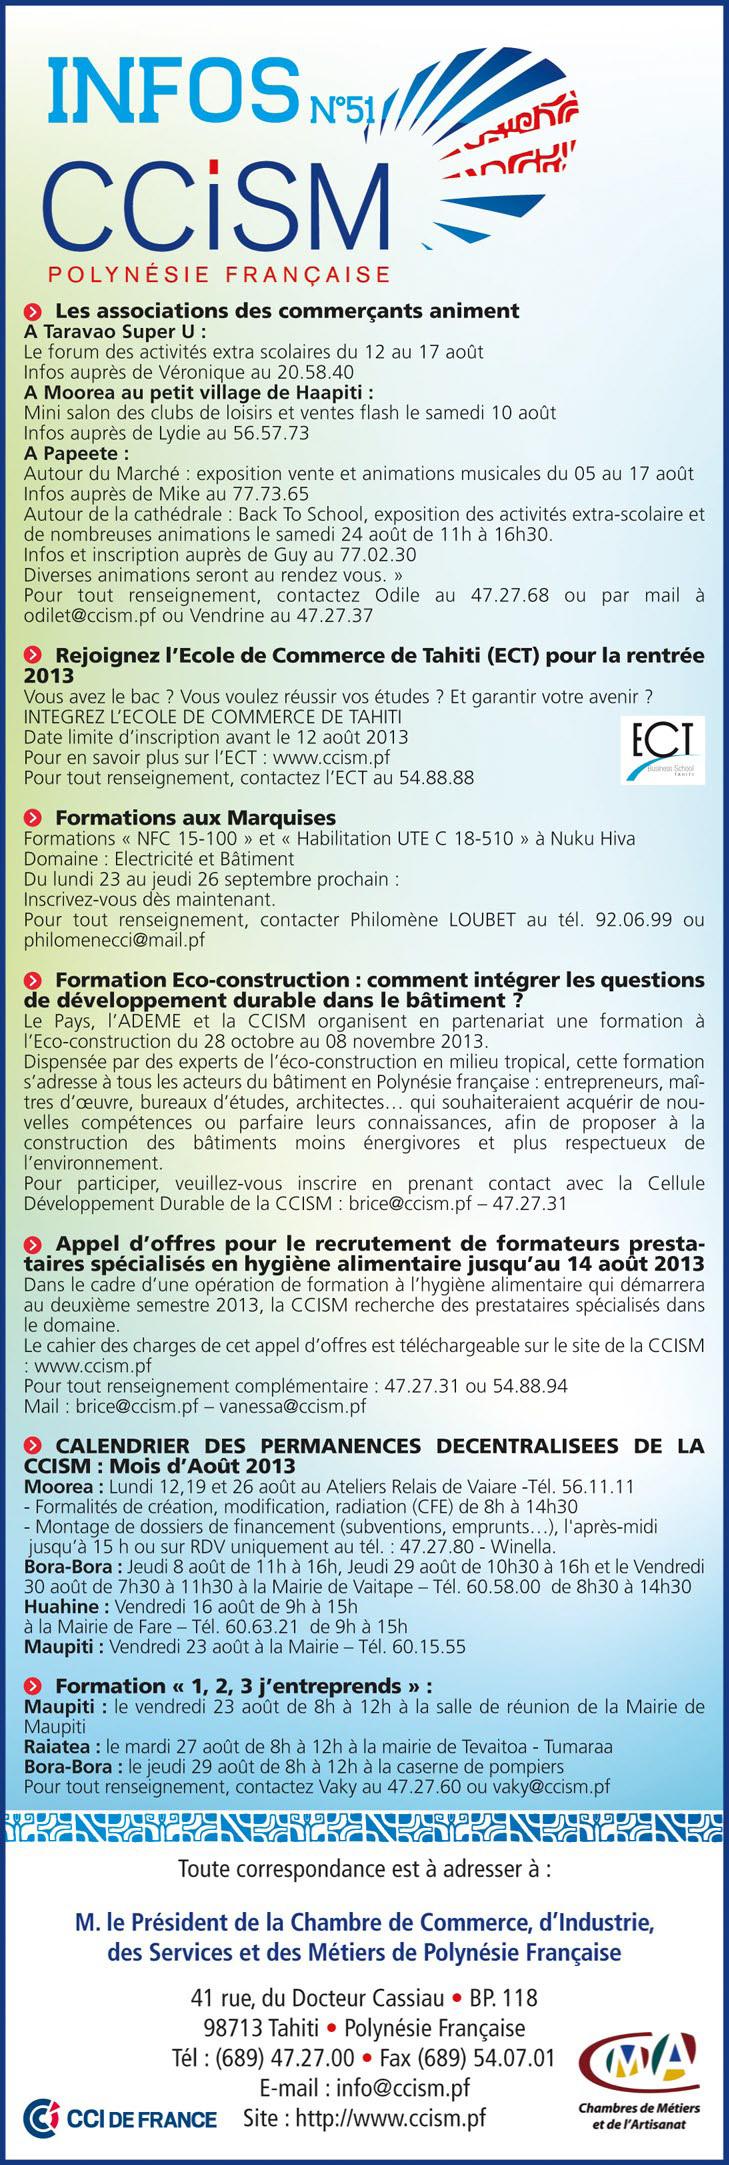 Infos CCISM N°51